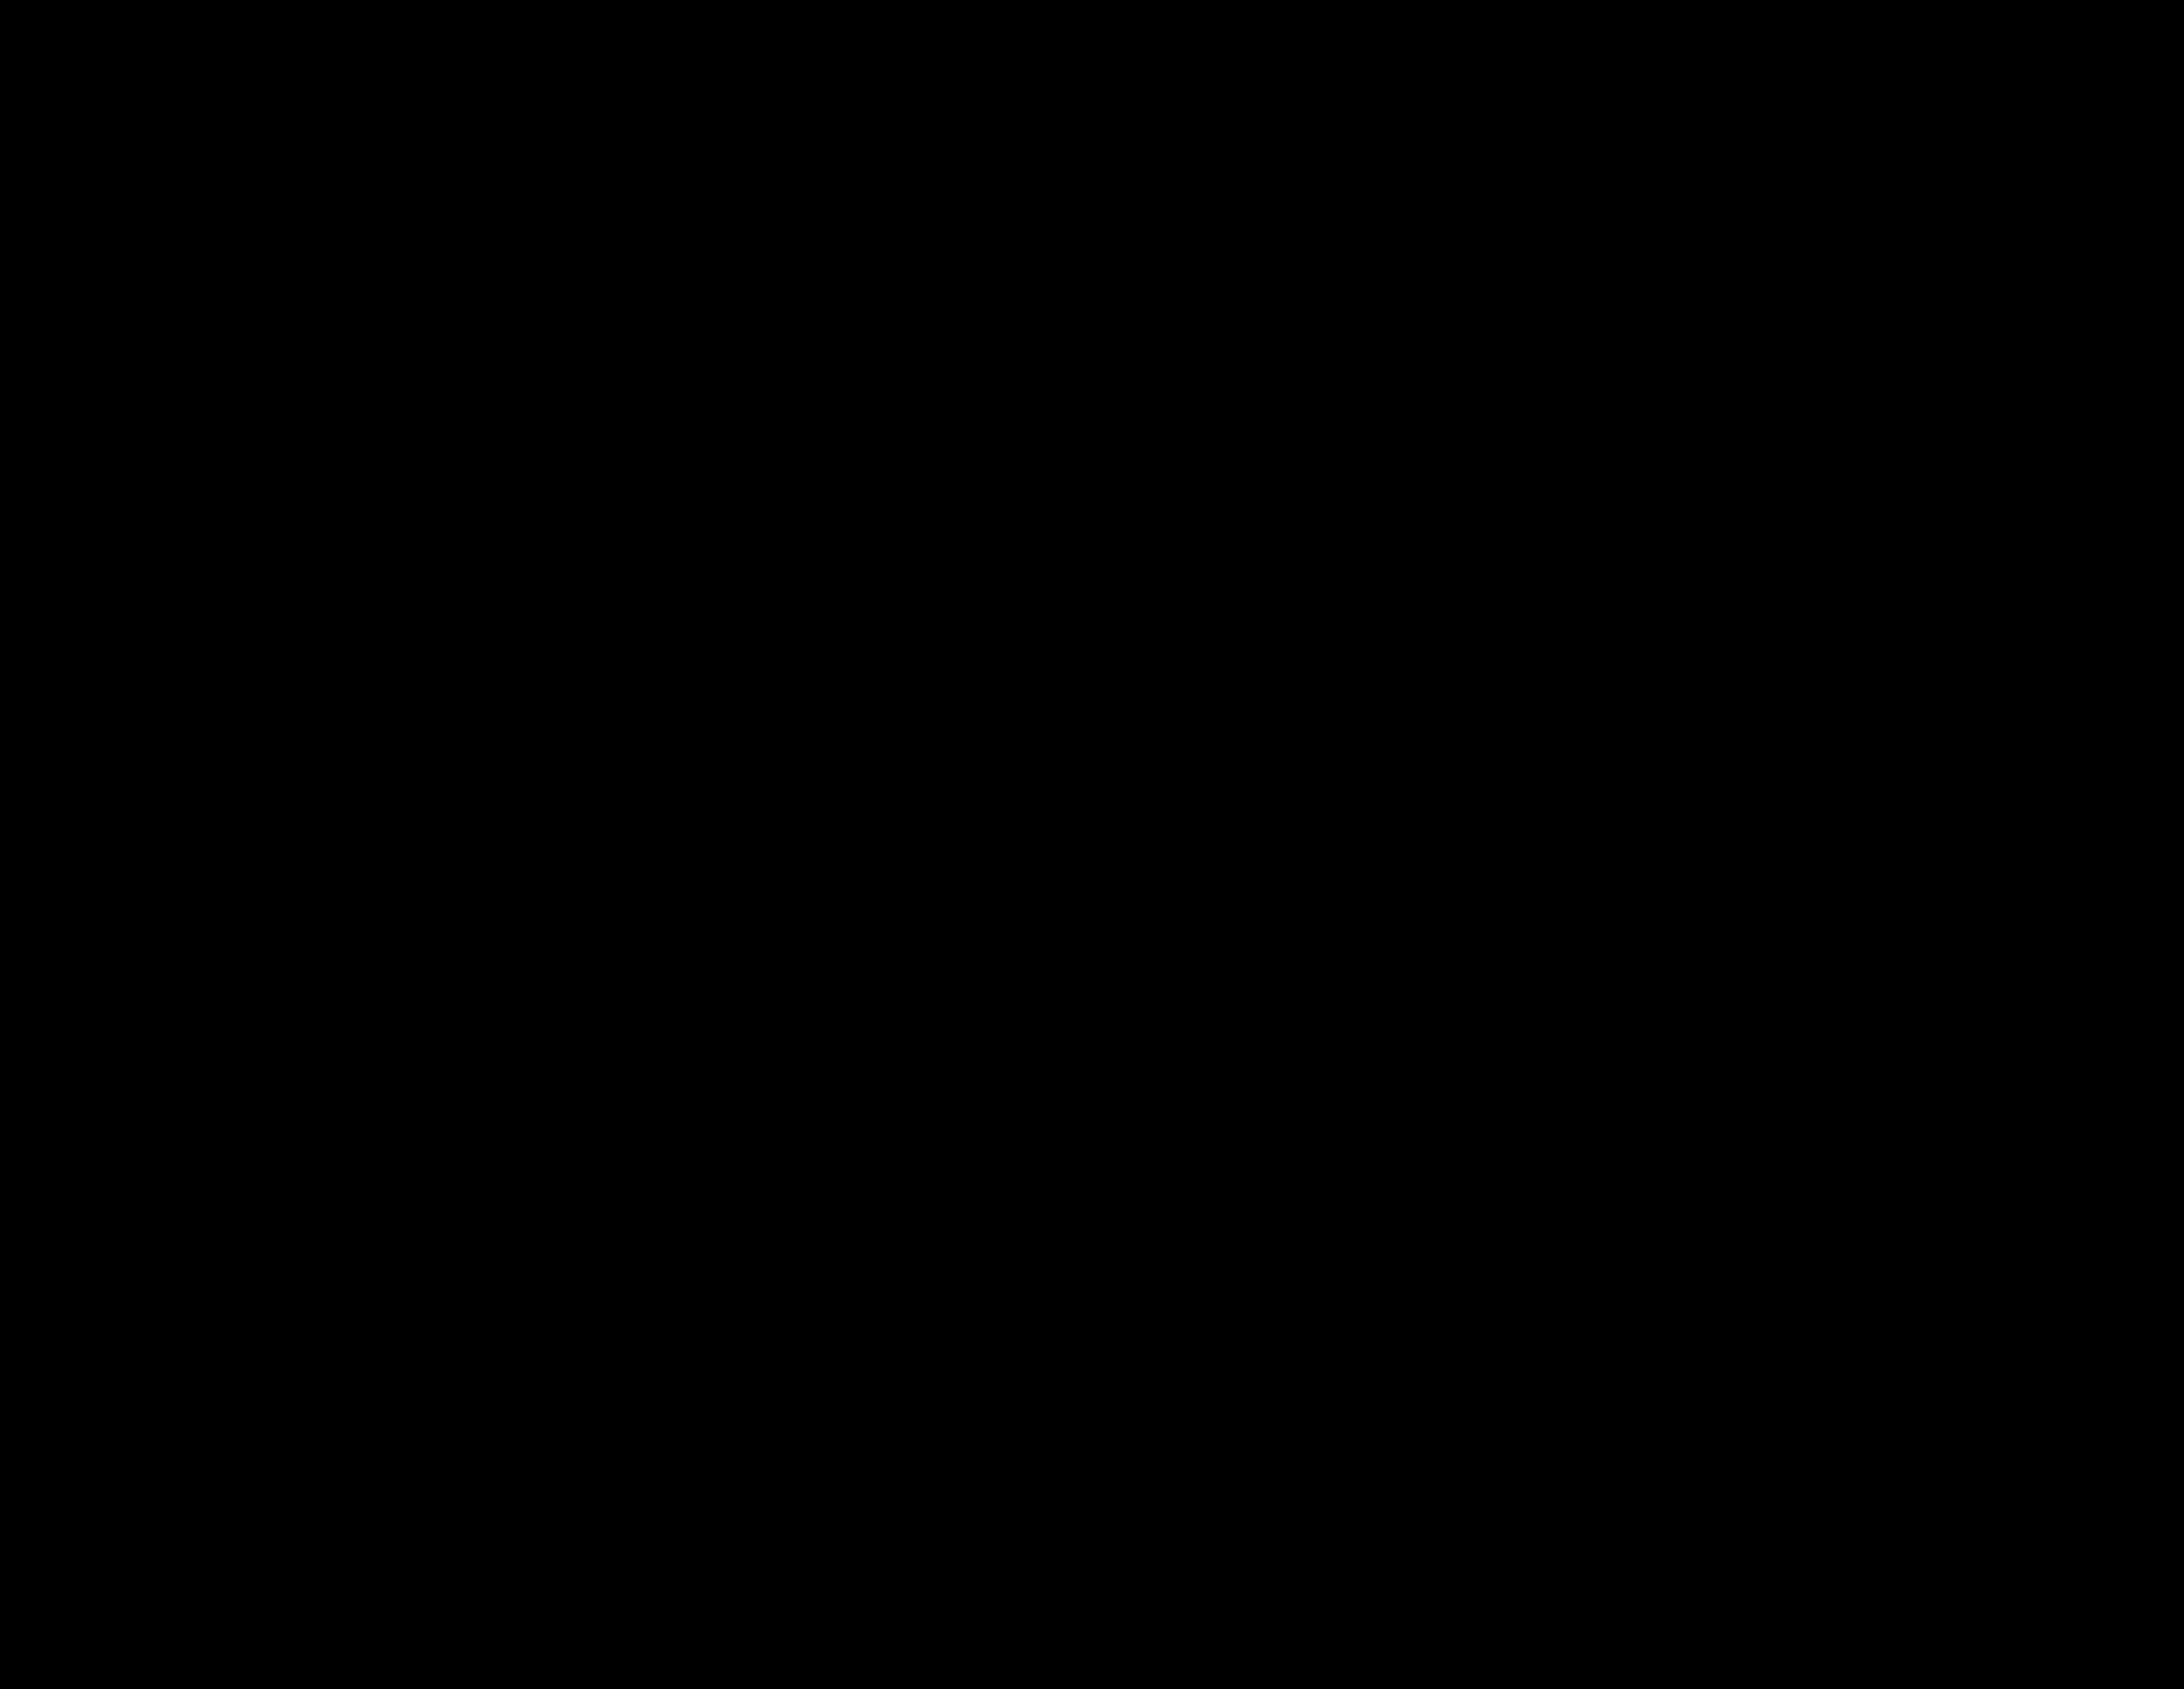 bersichtkarte von Mitteleuropa R56 Tilsit 1300000